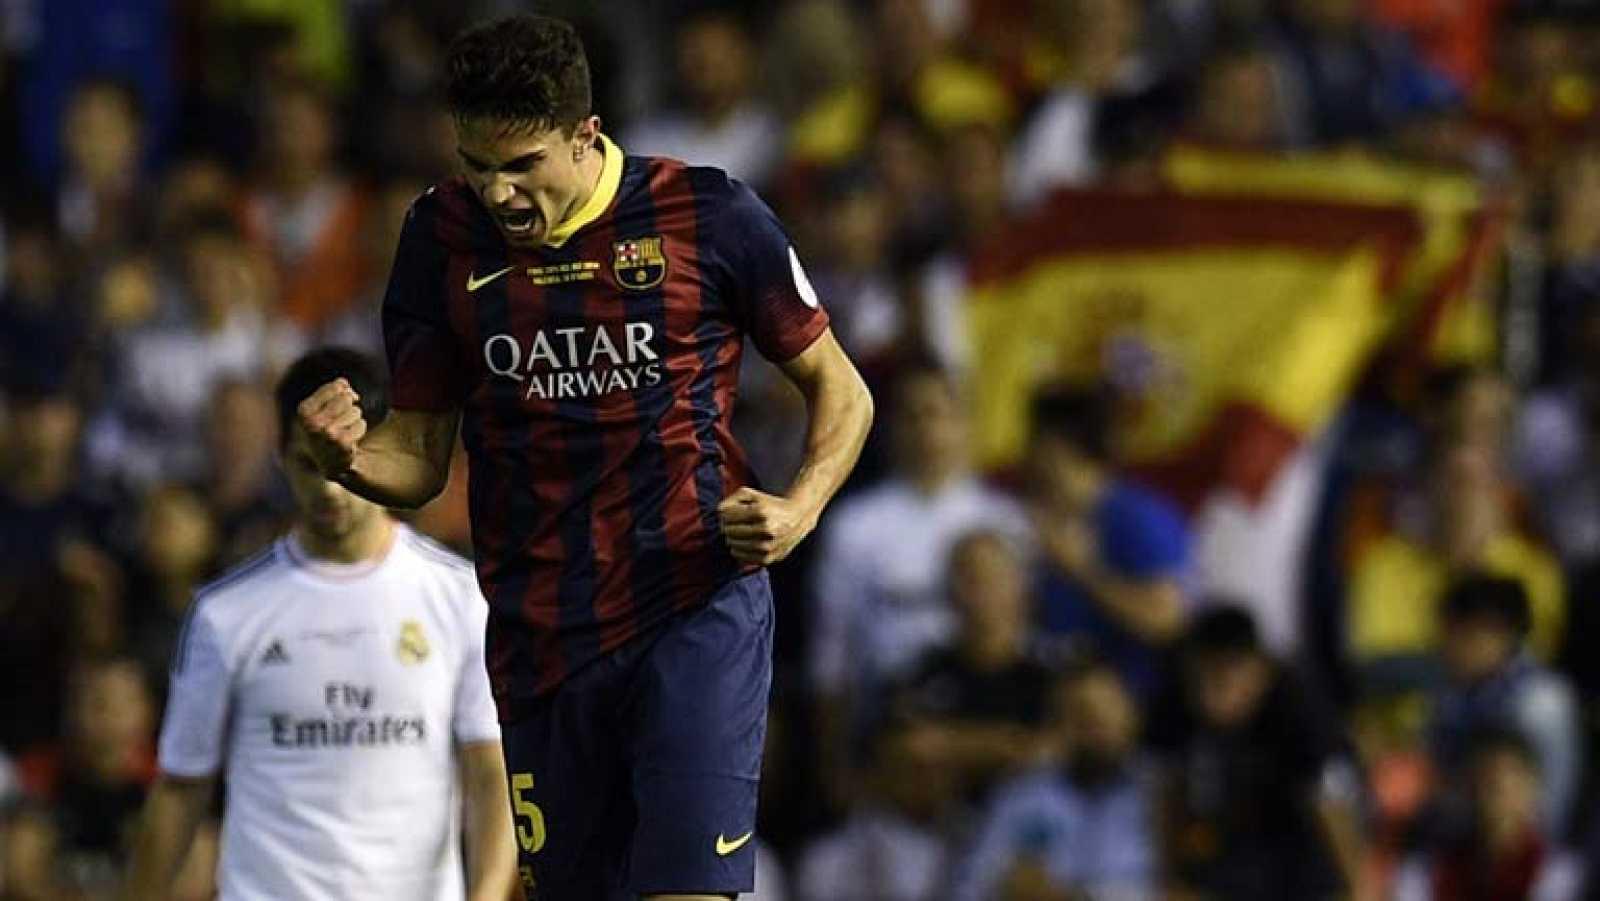 El central del FC Barcelona Marc Bartra ha marcado el gol del empate en el minuto 68, con un cabezazo a saque de esquina ante el que nada ha podido hacer Casillas.